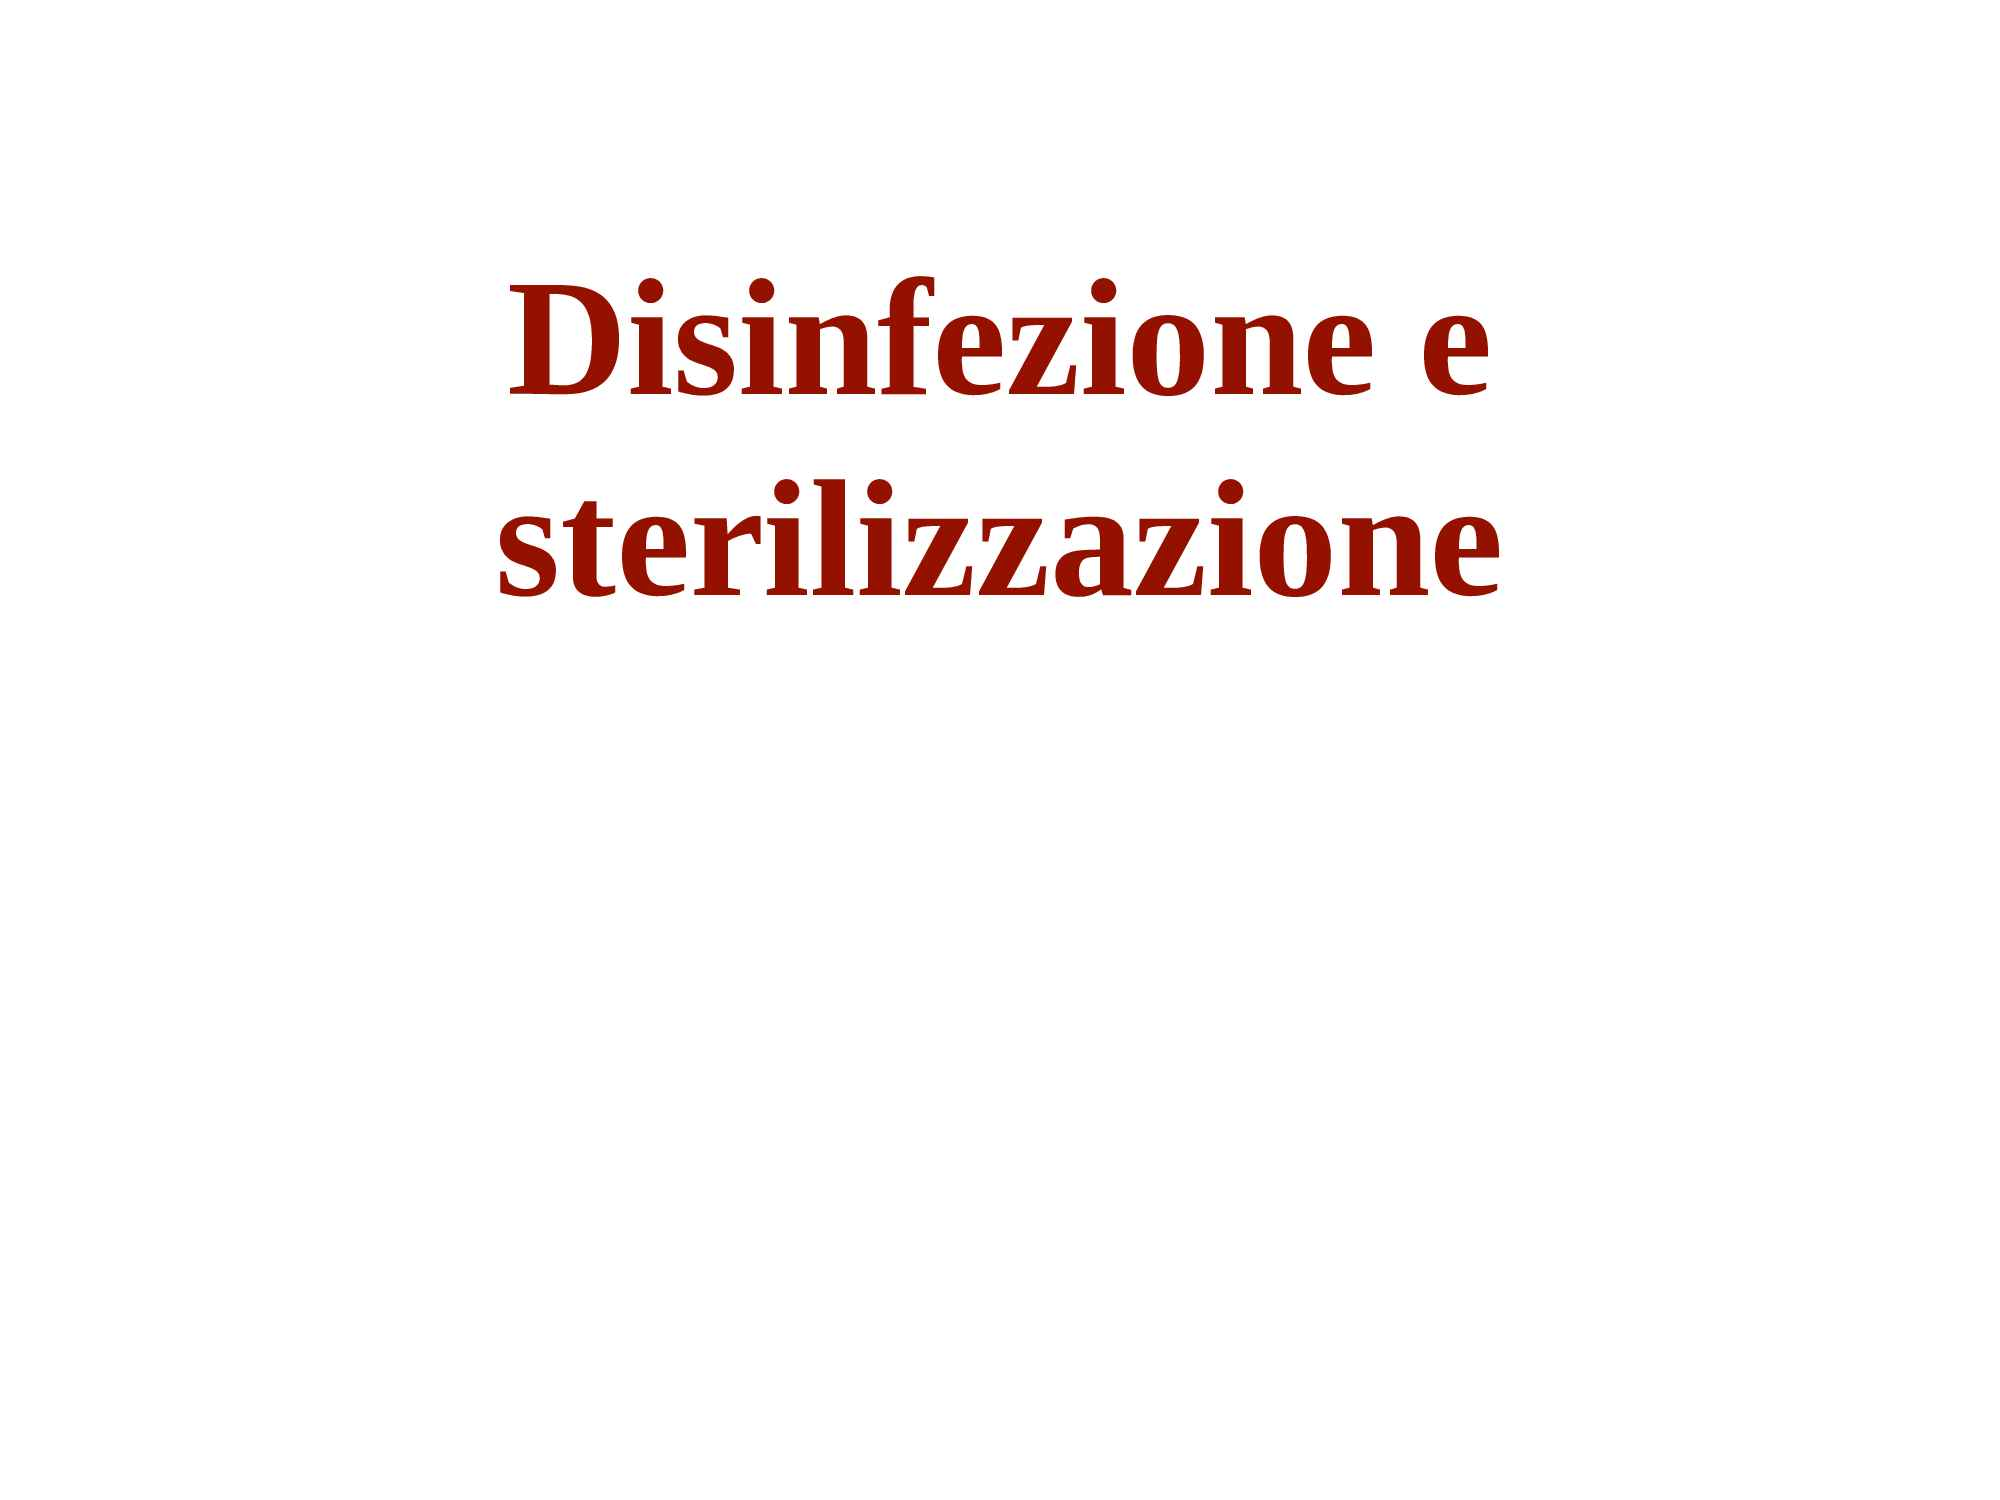 Disinfezione sterilizzazione